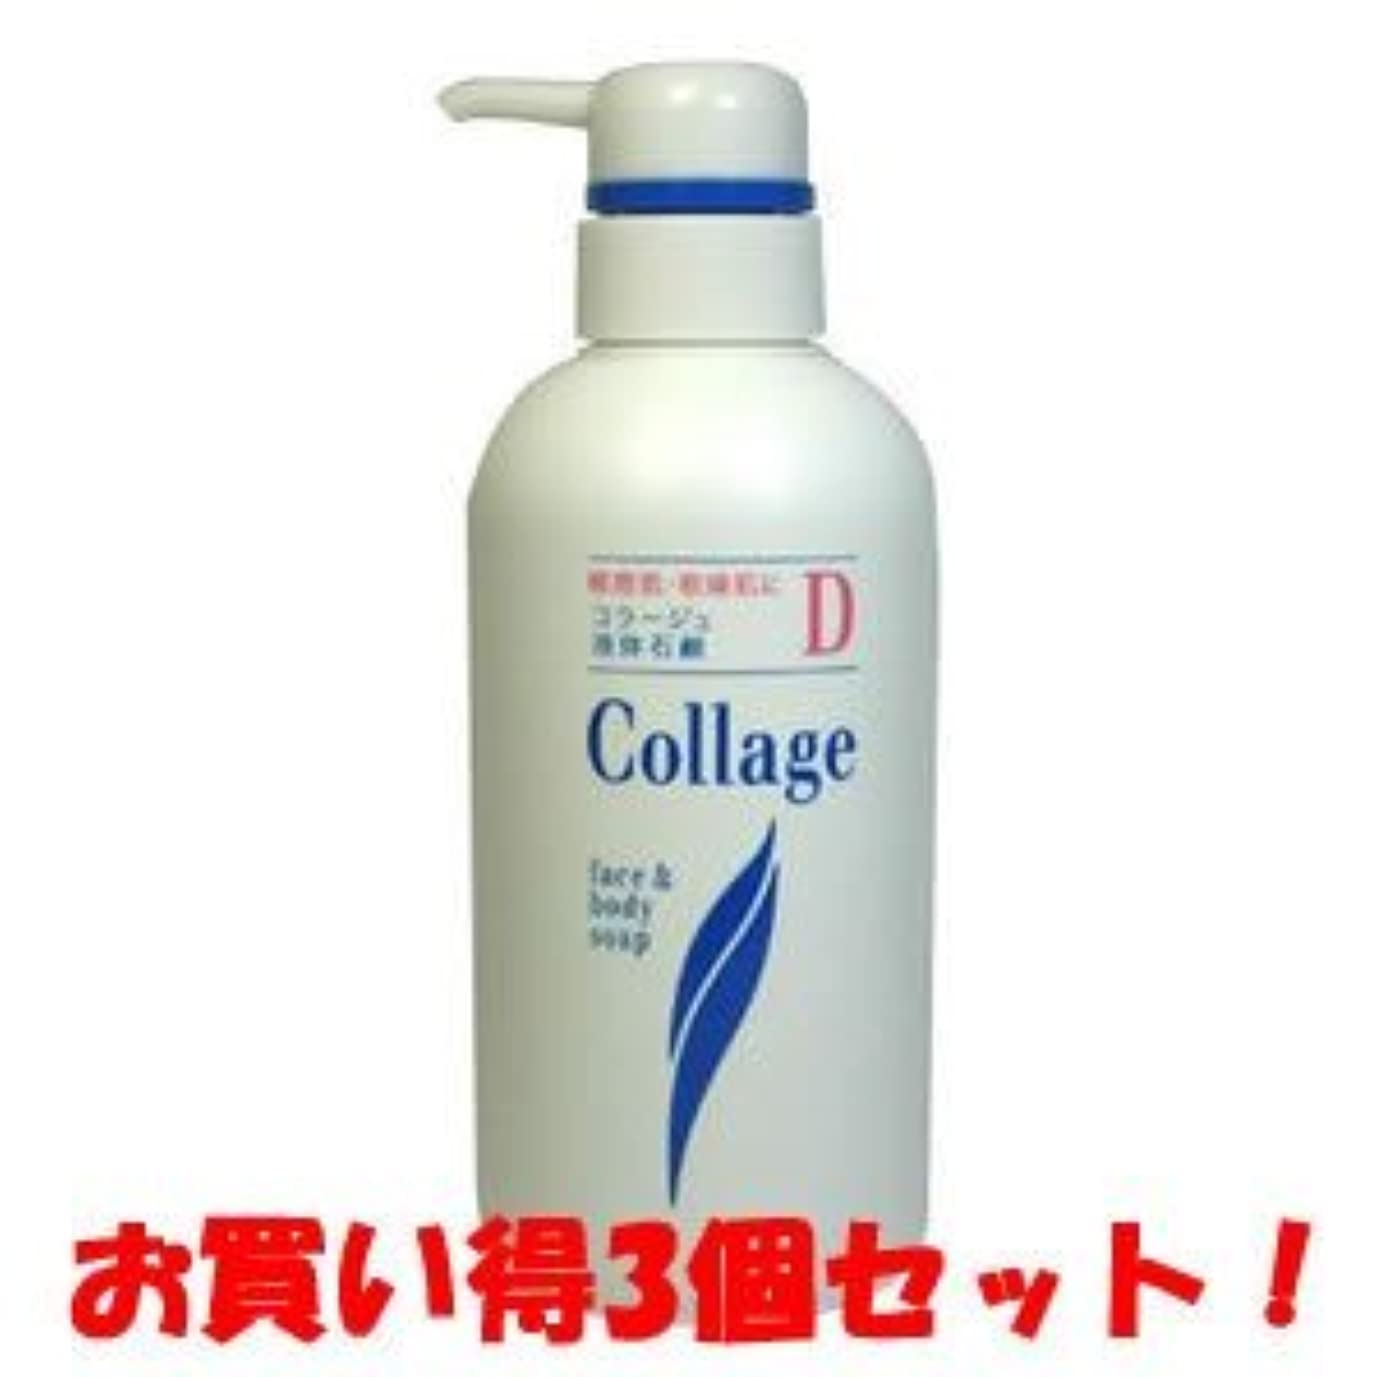 血まみれ許可するサイレン(持田ヘルスケア)コラージュD 液体石鹸 敏感肌?乾燥肌 400ml(お買い得3個セット)